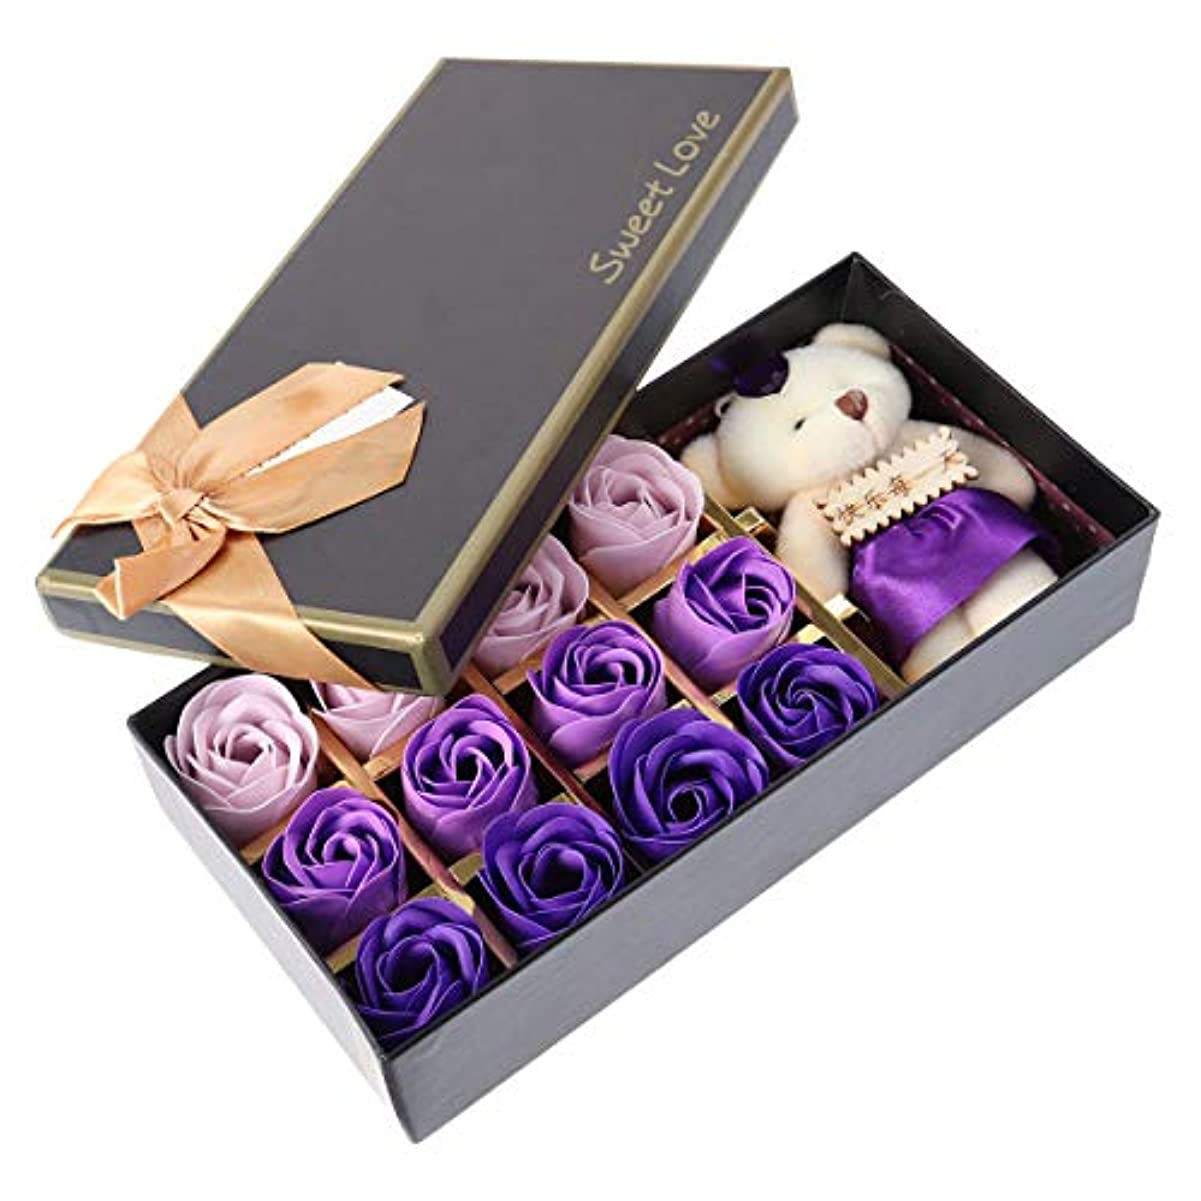 戻る受粉者島Beaupretty バレンタインデーの結婚式の誕生日プレゼントのための小さなクマとバラの石鹸の花